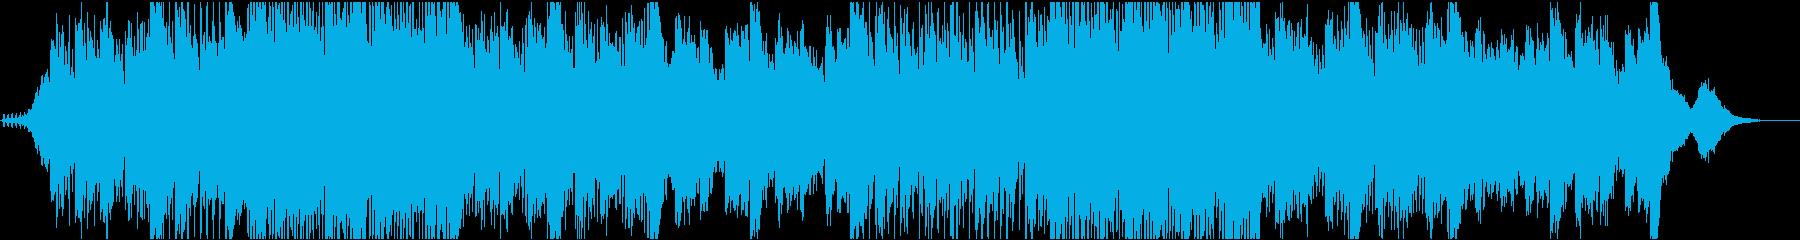 宇宙のようなアンビエントミュージックの再生済みの波形